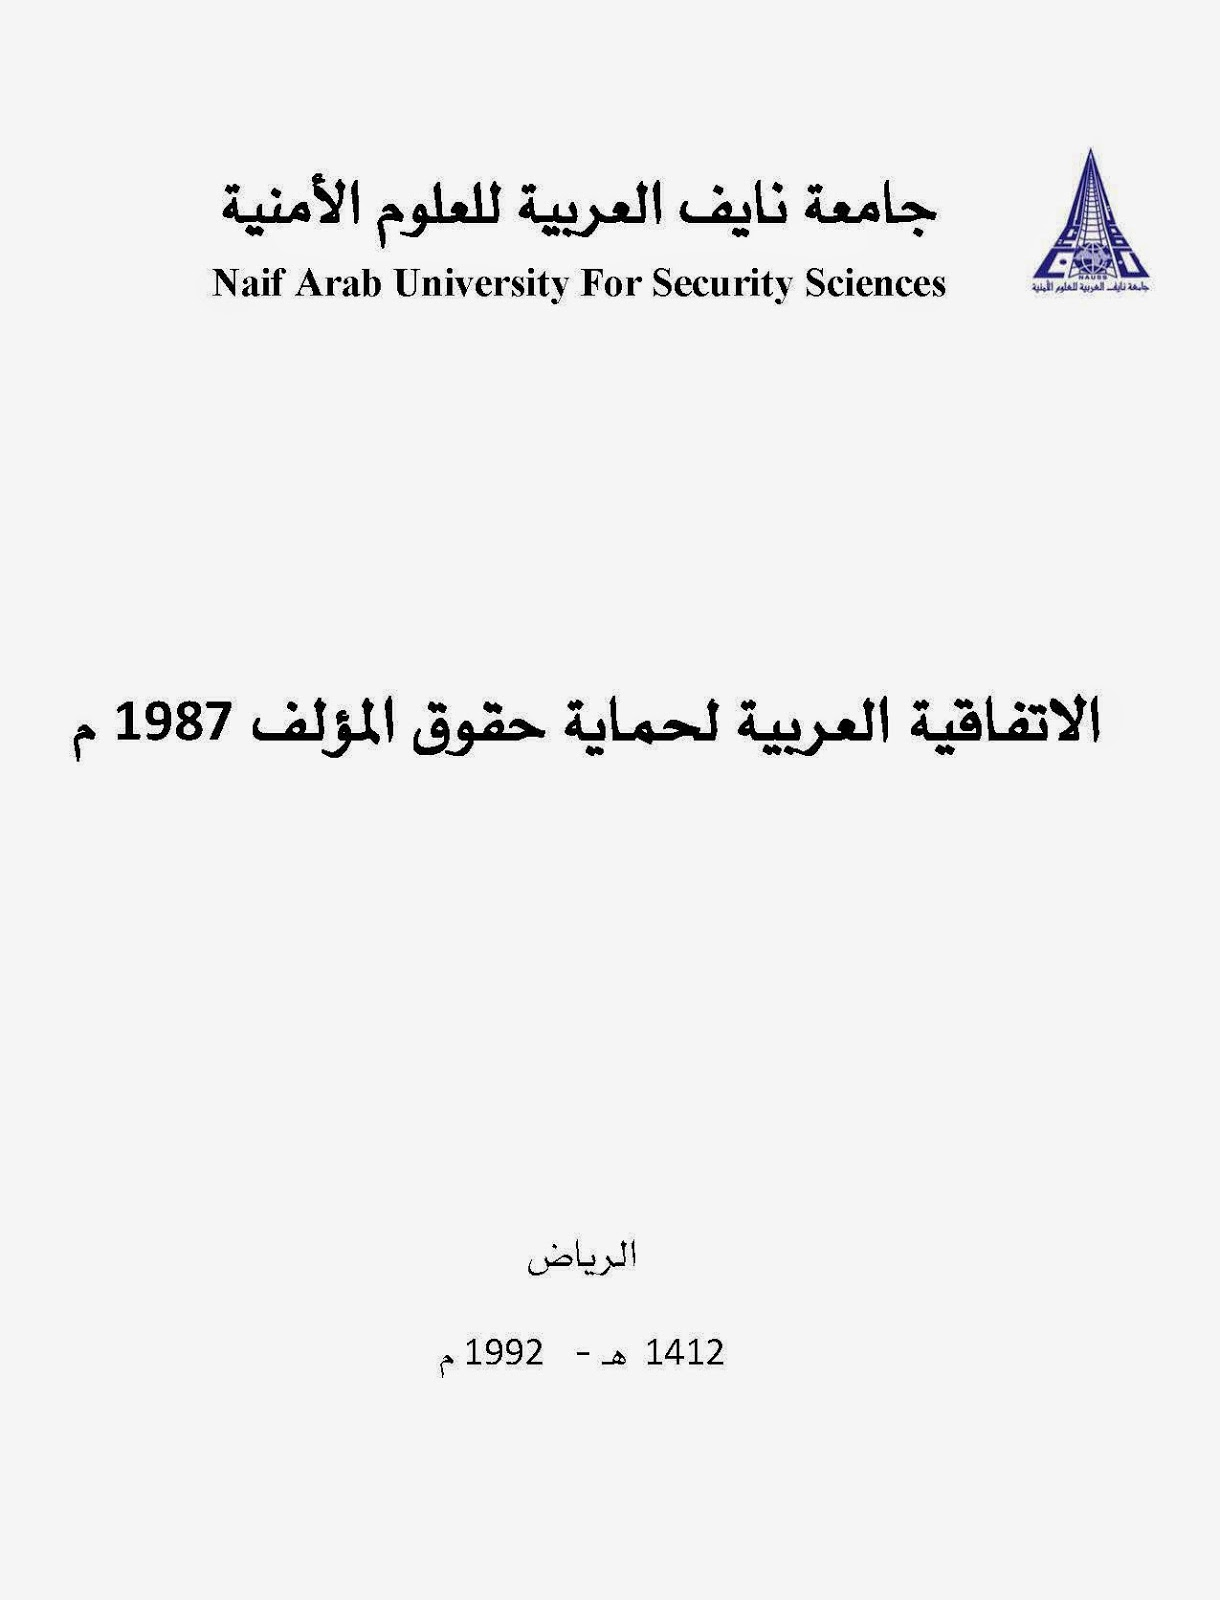 الاتفاقية العربية لحماية حقوق المؤلف 1987 م - جامعة نايف العربية للعلوم pdf